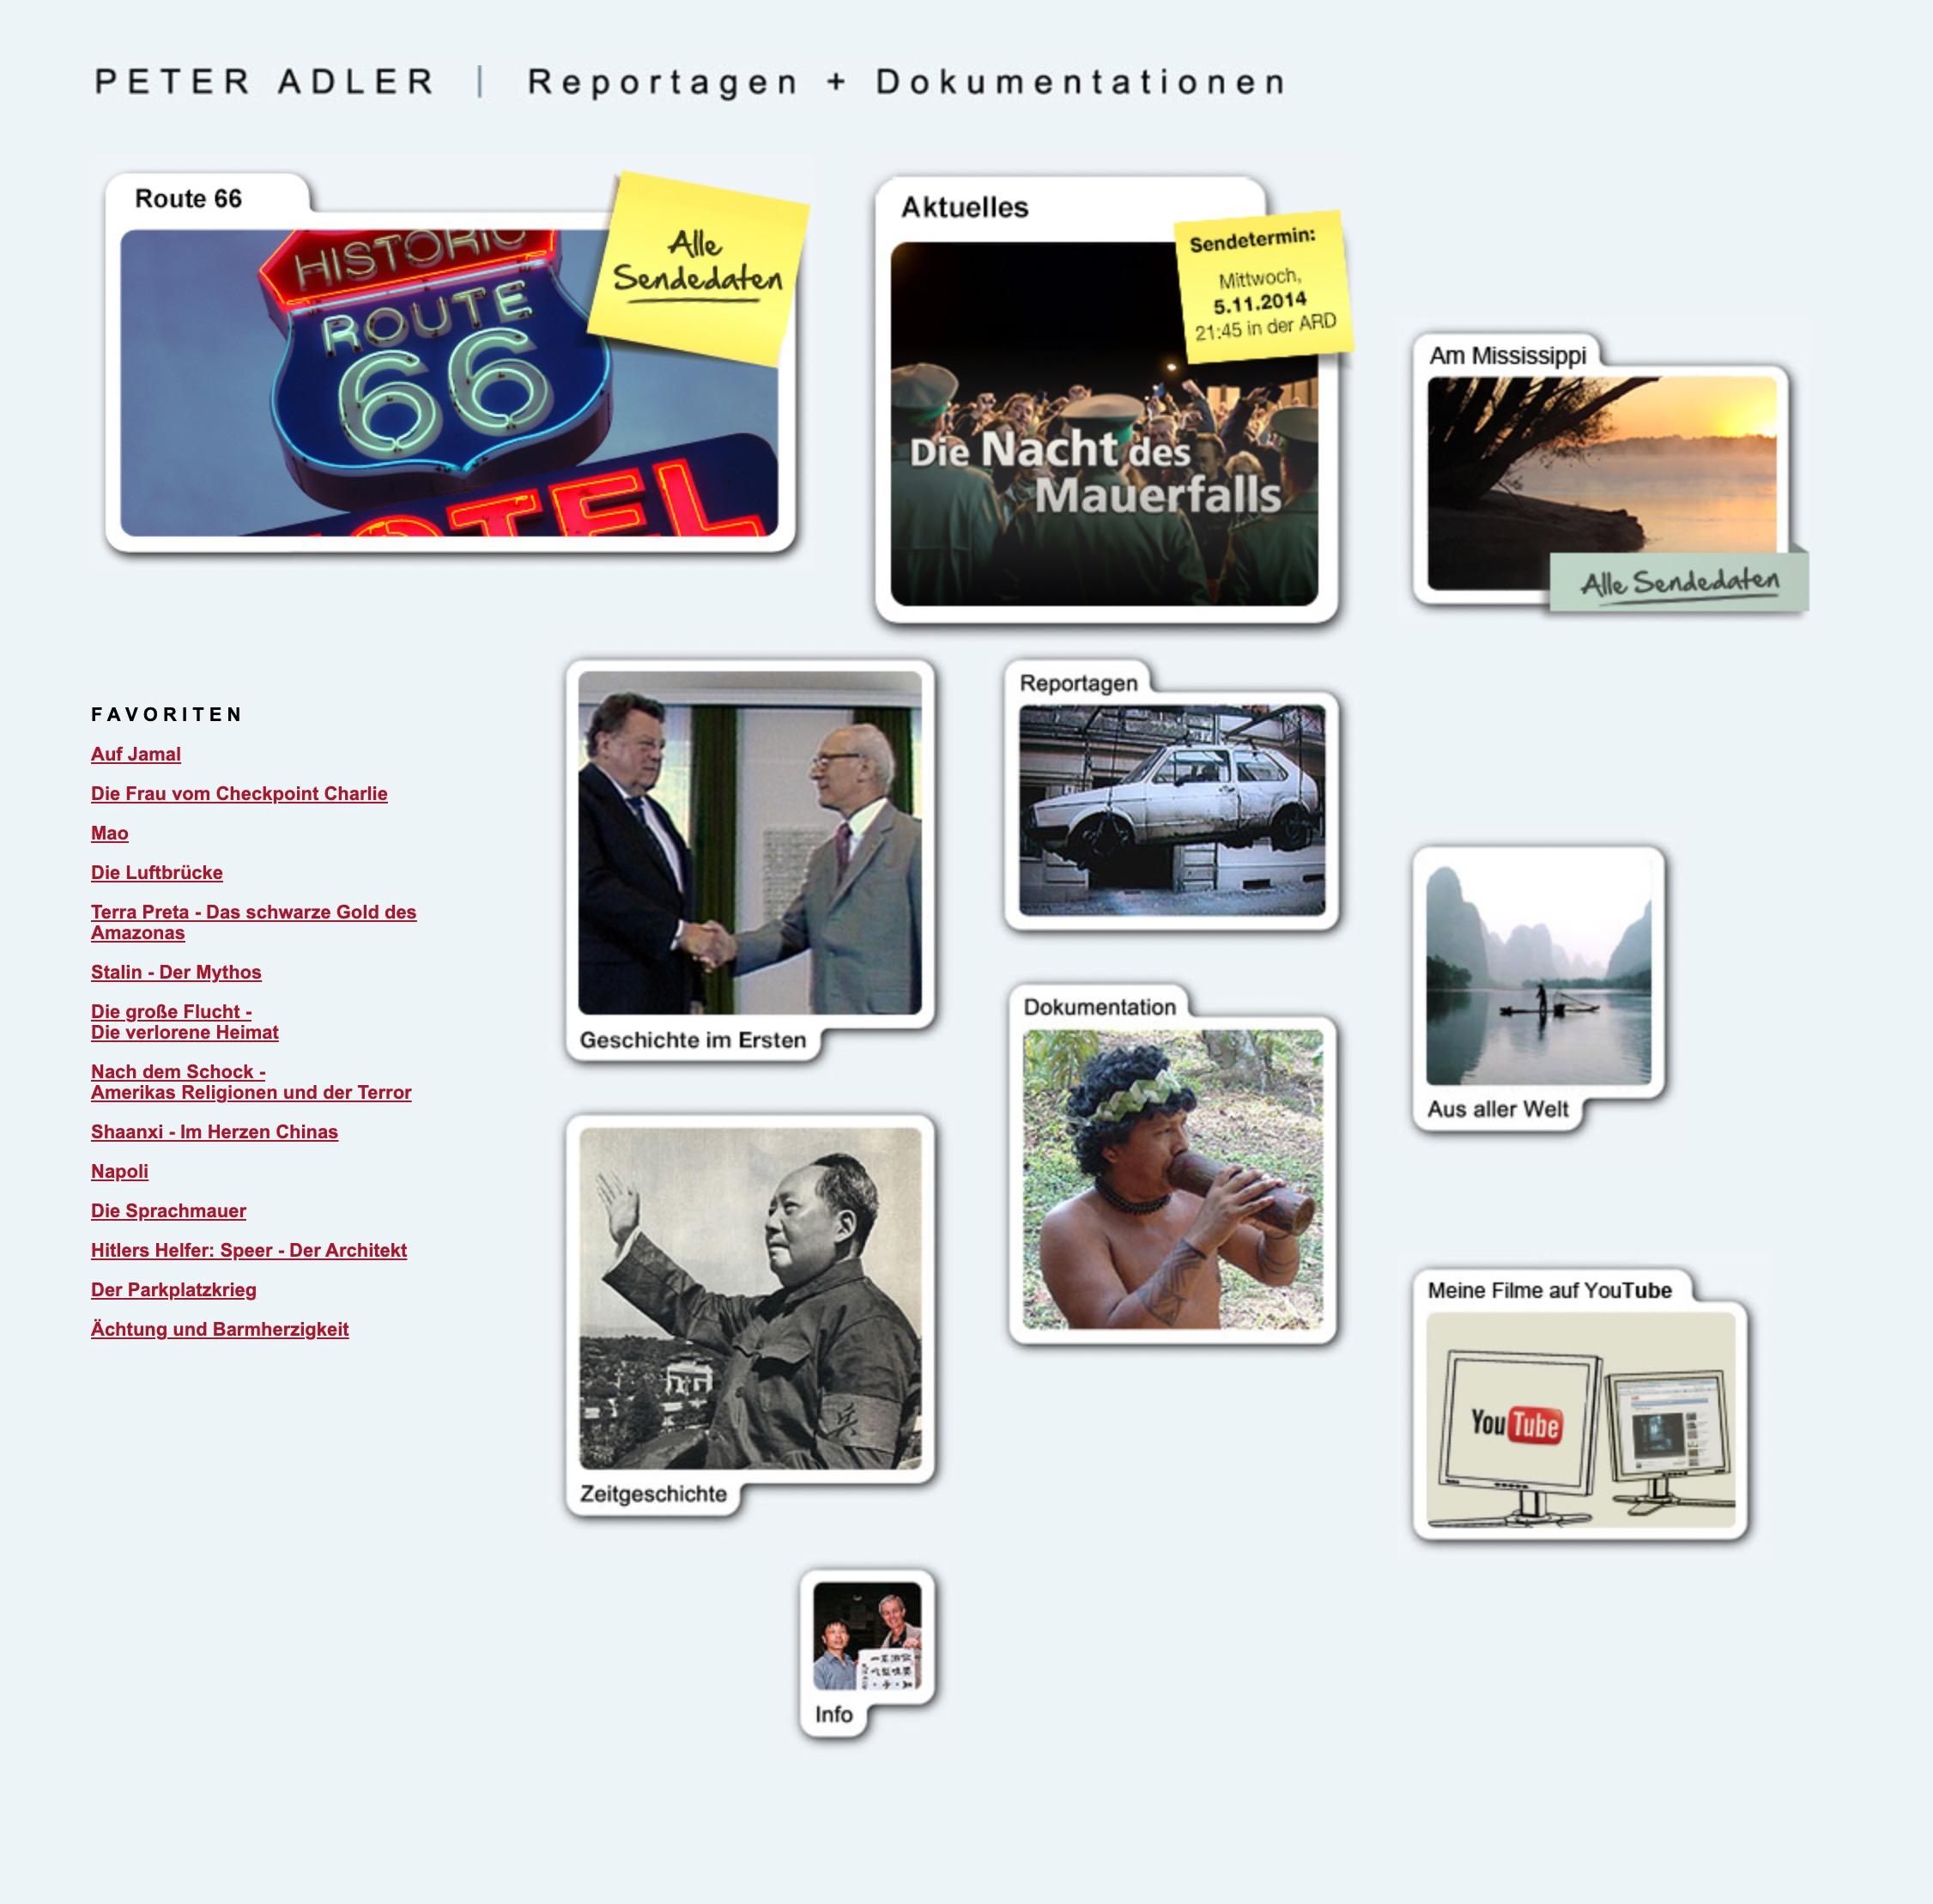 Die Website vom Peter Adler im Zeitraum von 2008 bis 2015